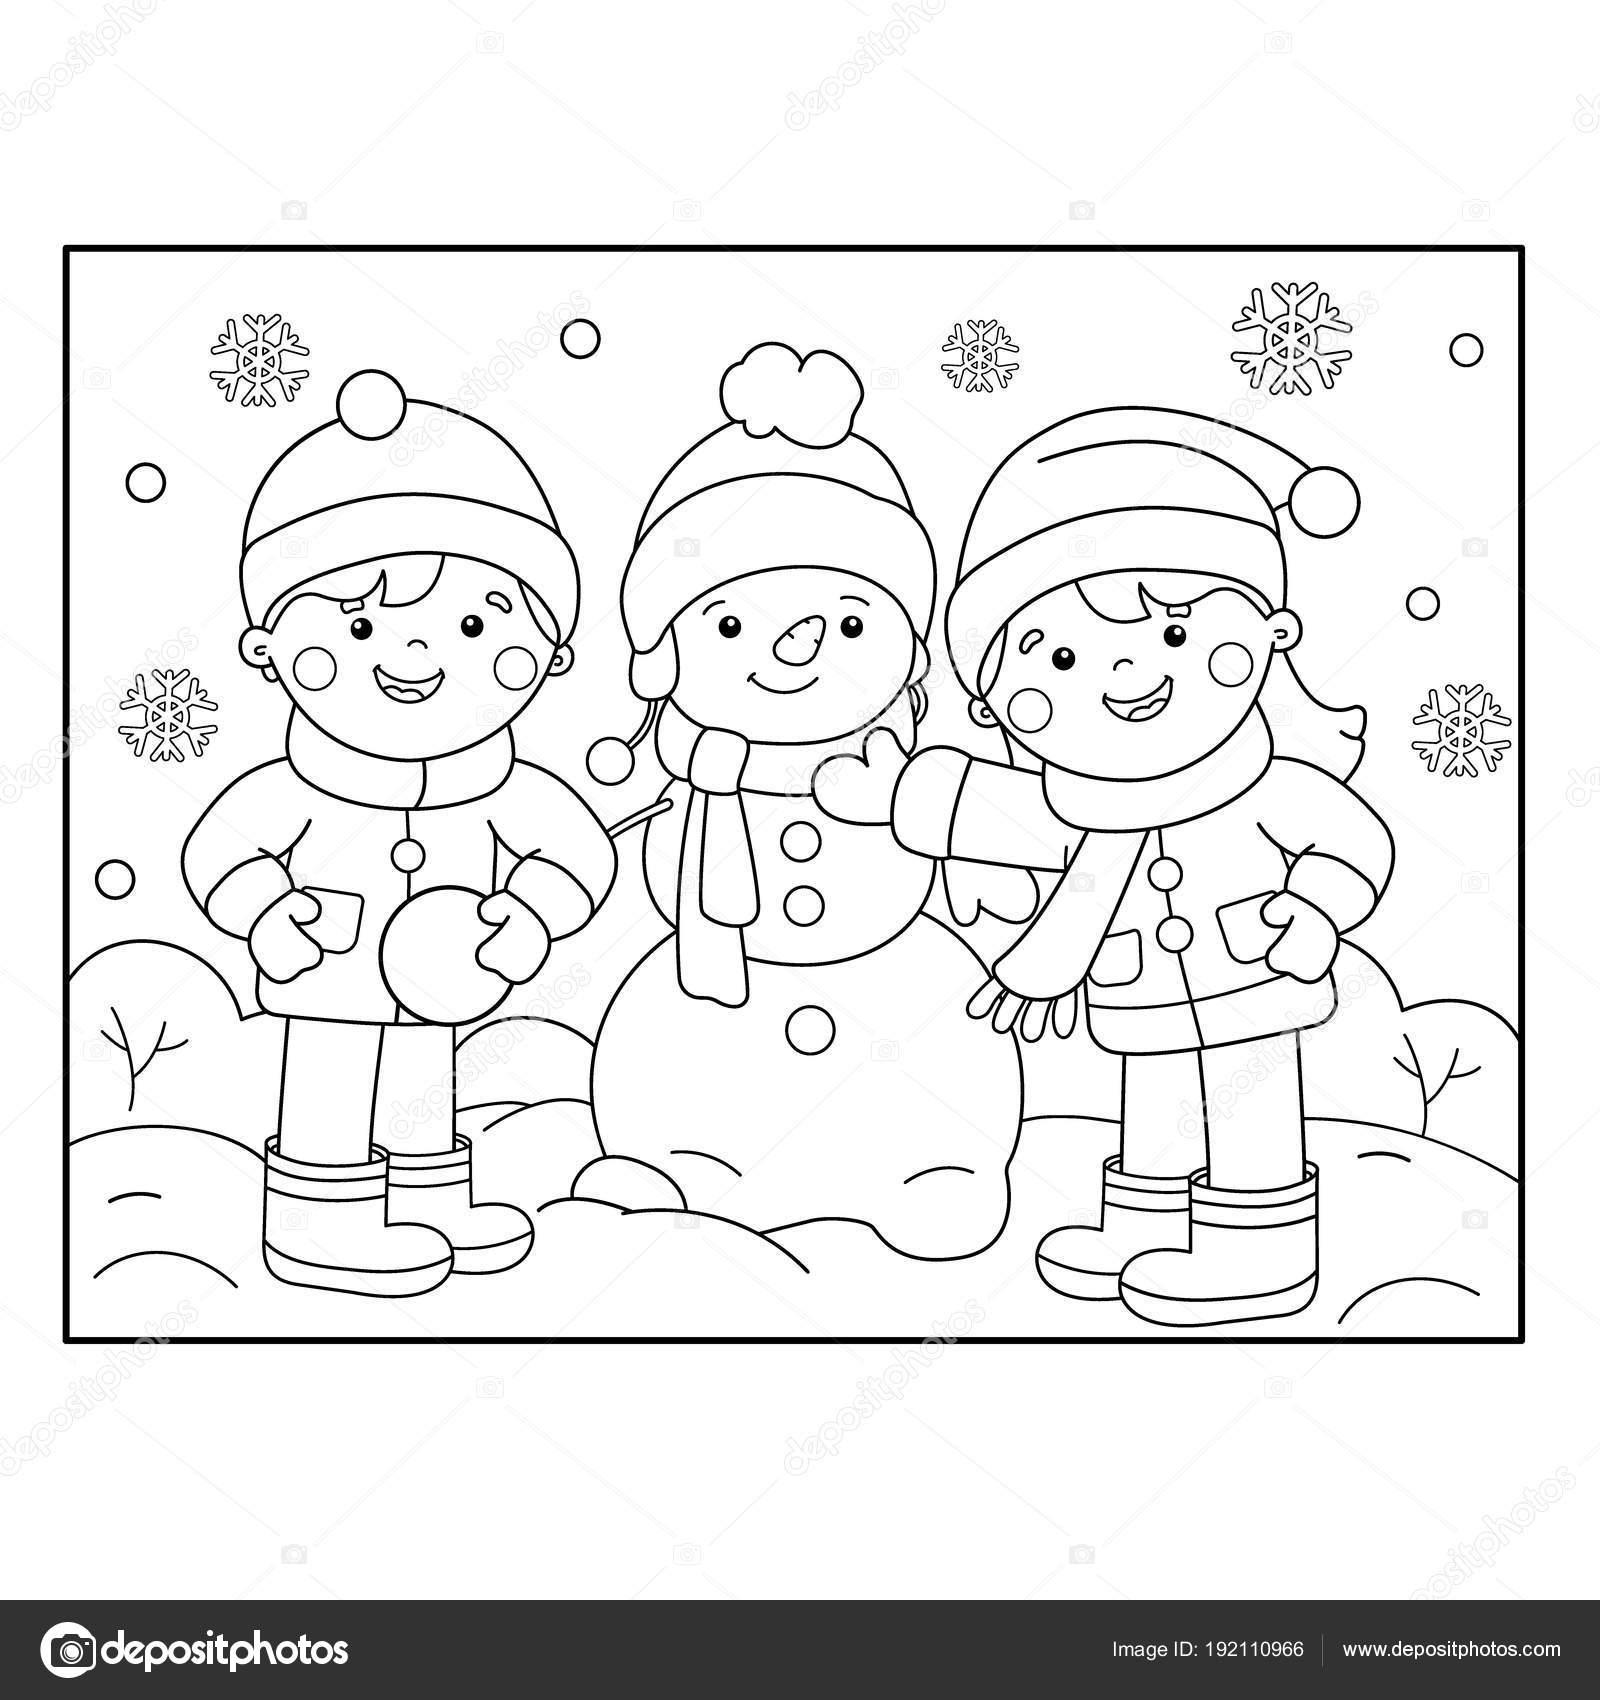 Kleurplaat Pagina Overzicht Van De Jongen Van De Cartoon Met Meisje